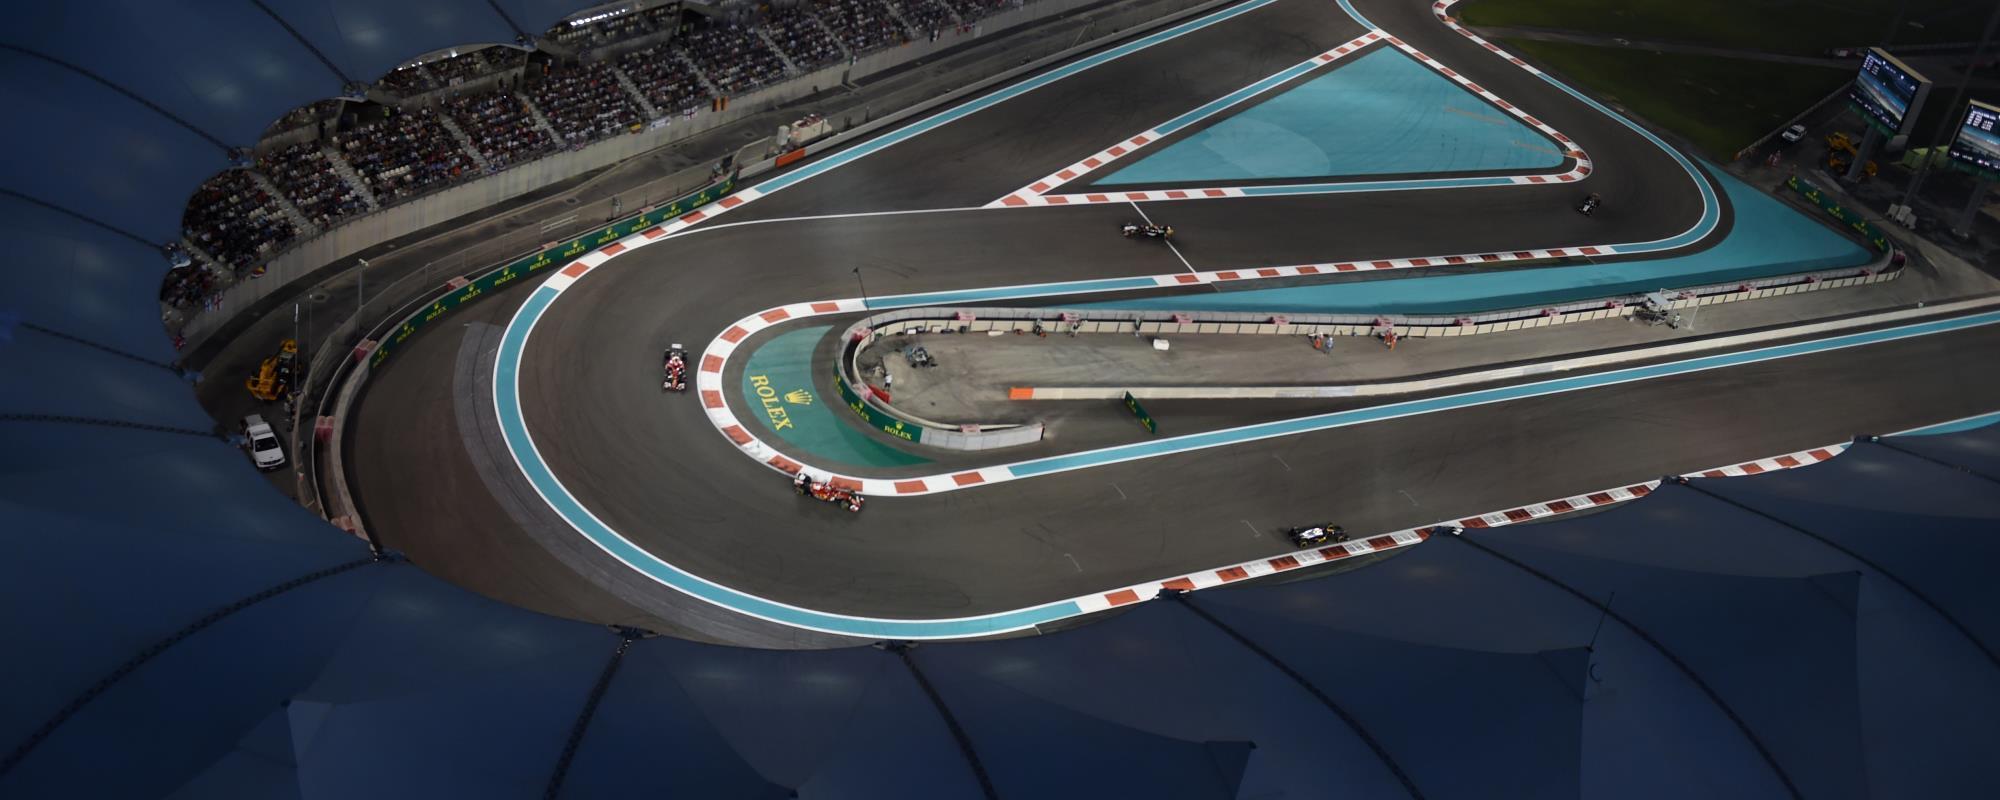 Behind-the-scenes-at-Yas-Marina-Circuit-